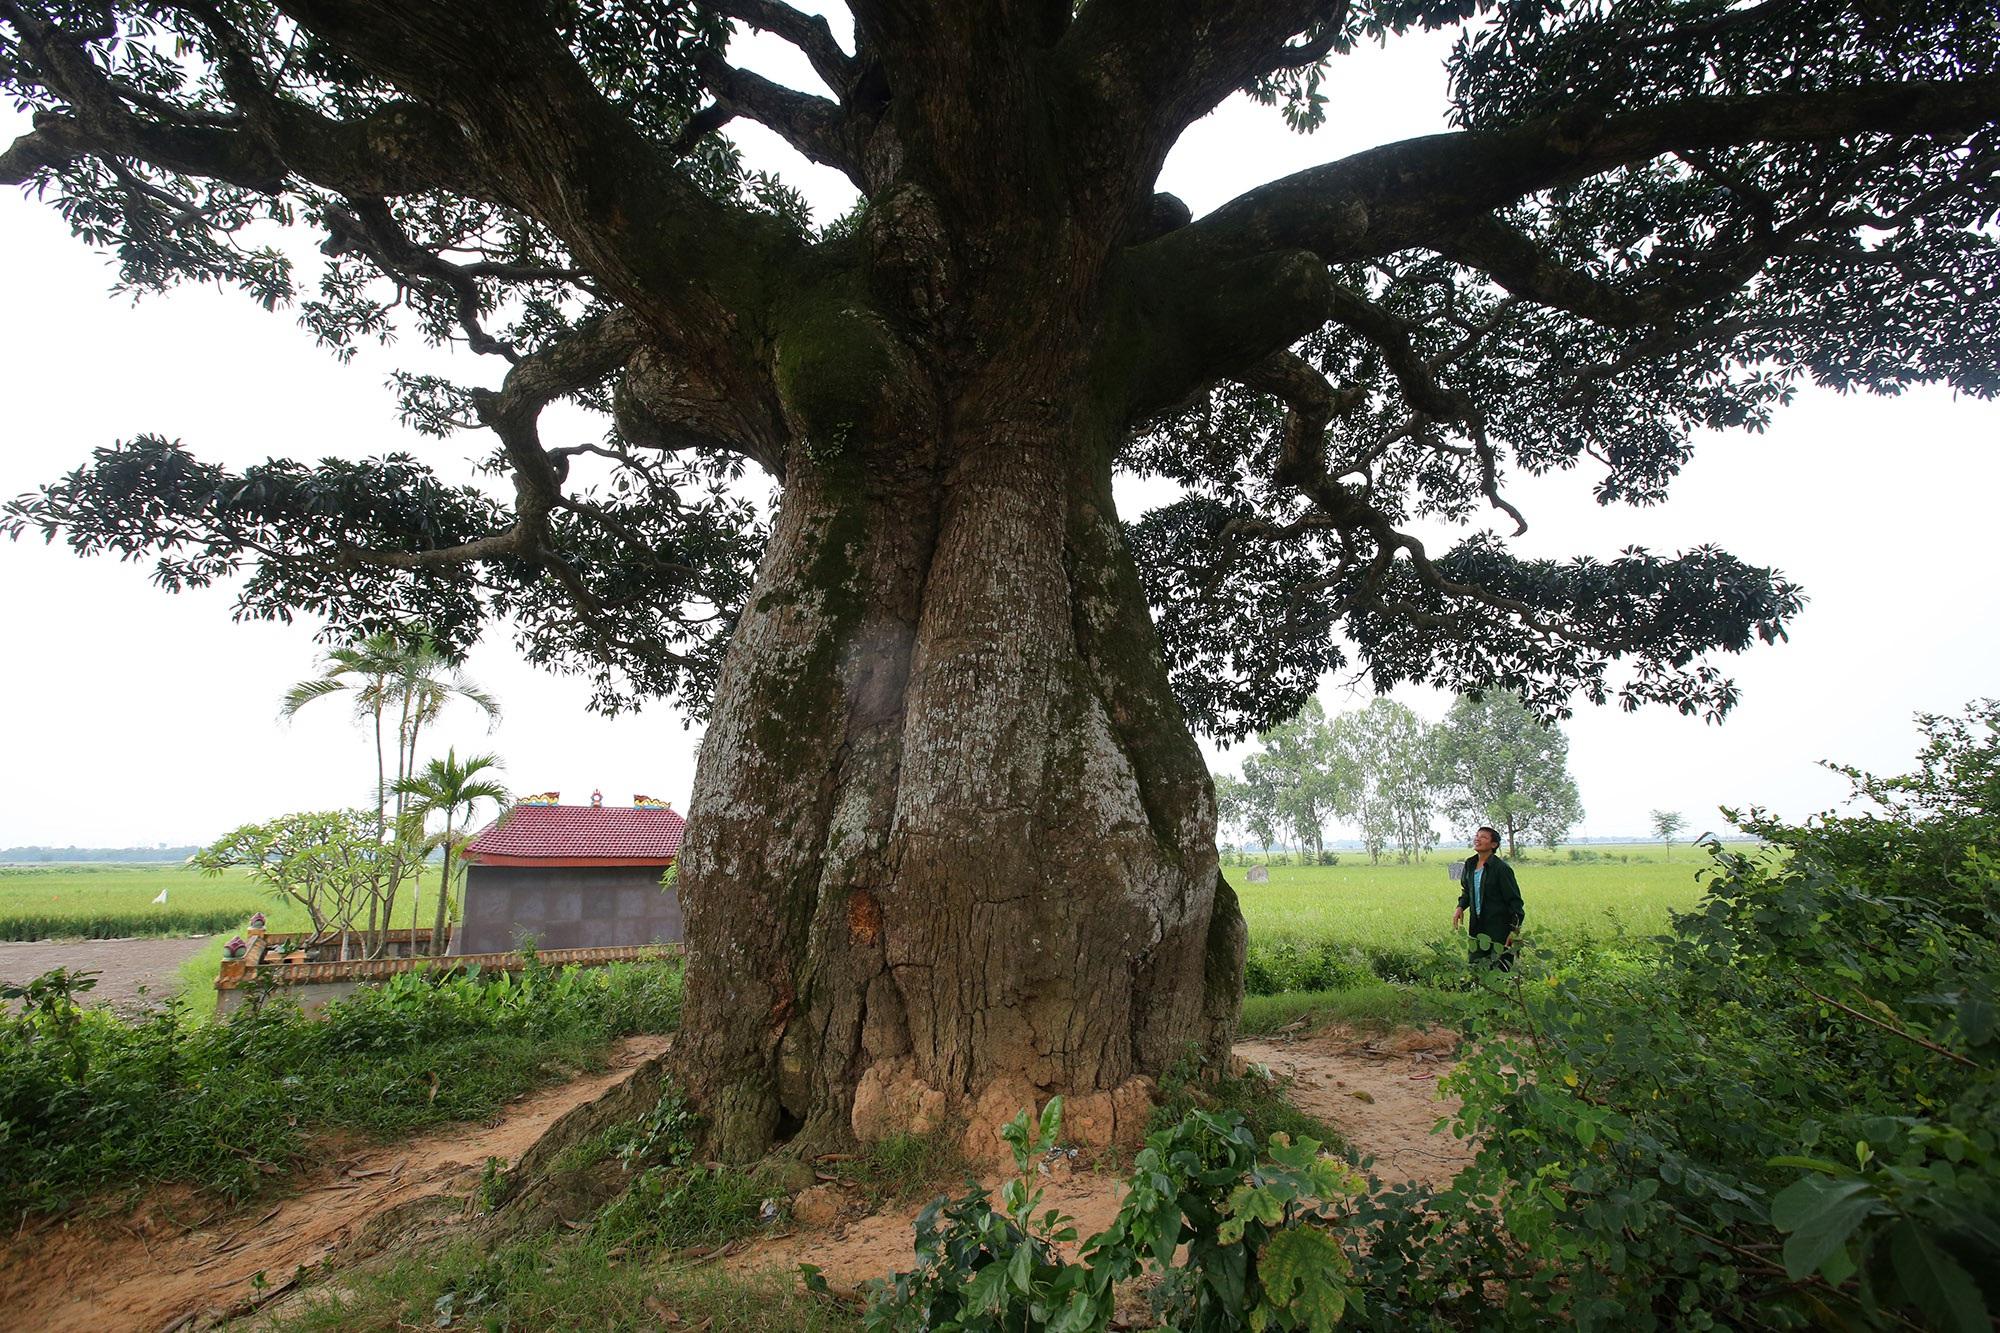 Hà Nội: Cây trôi cô đơn nghìn năm tuổi, báu vật của làng Bình Đà - 13